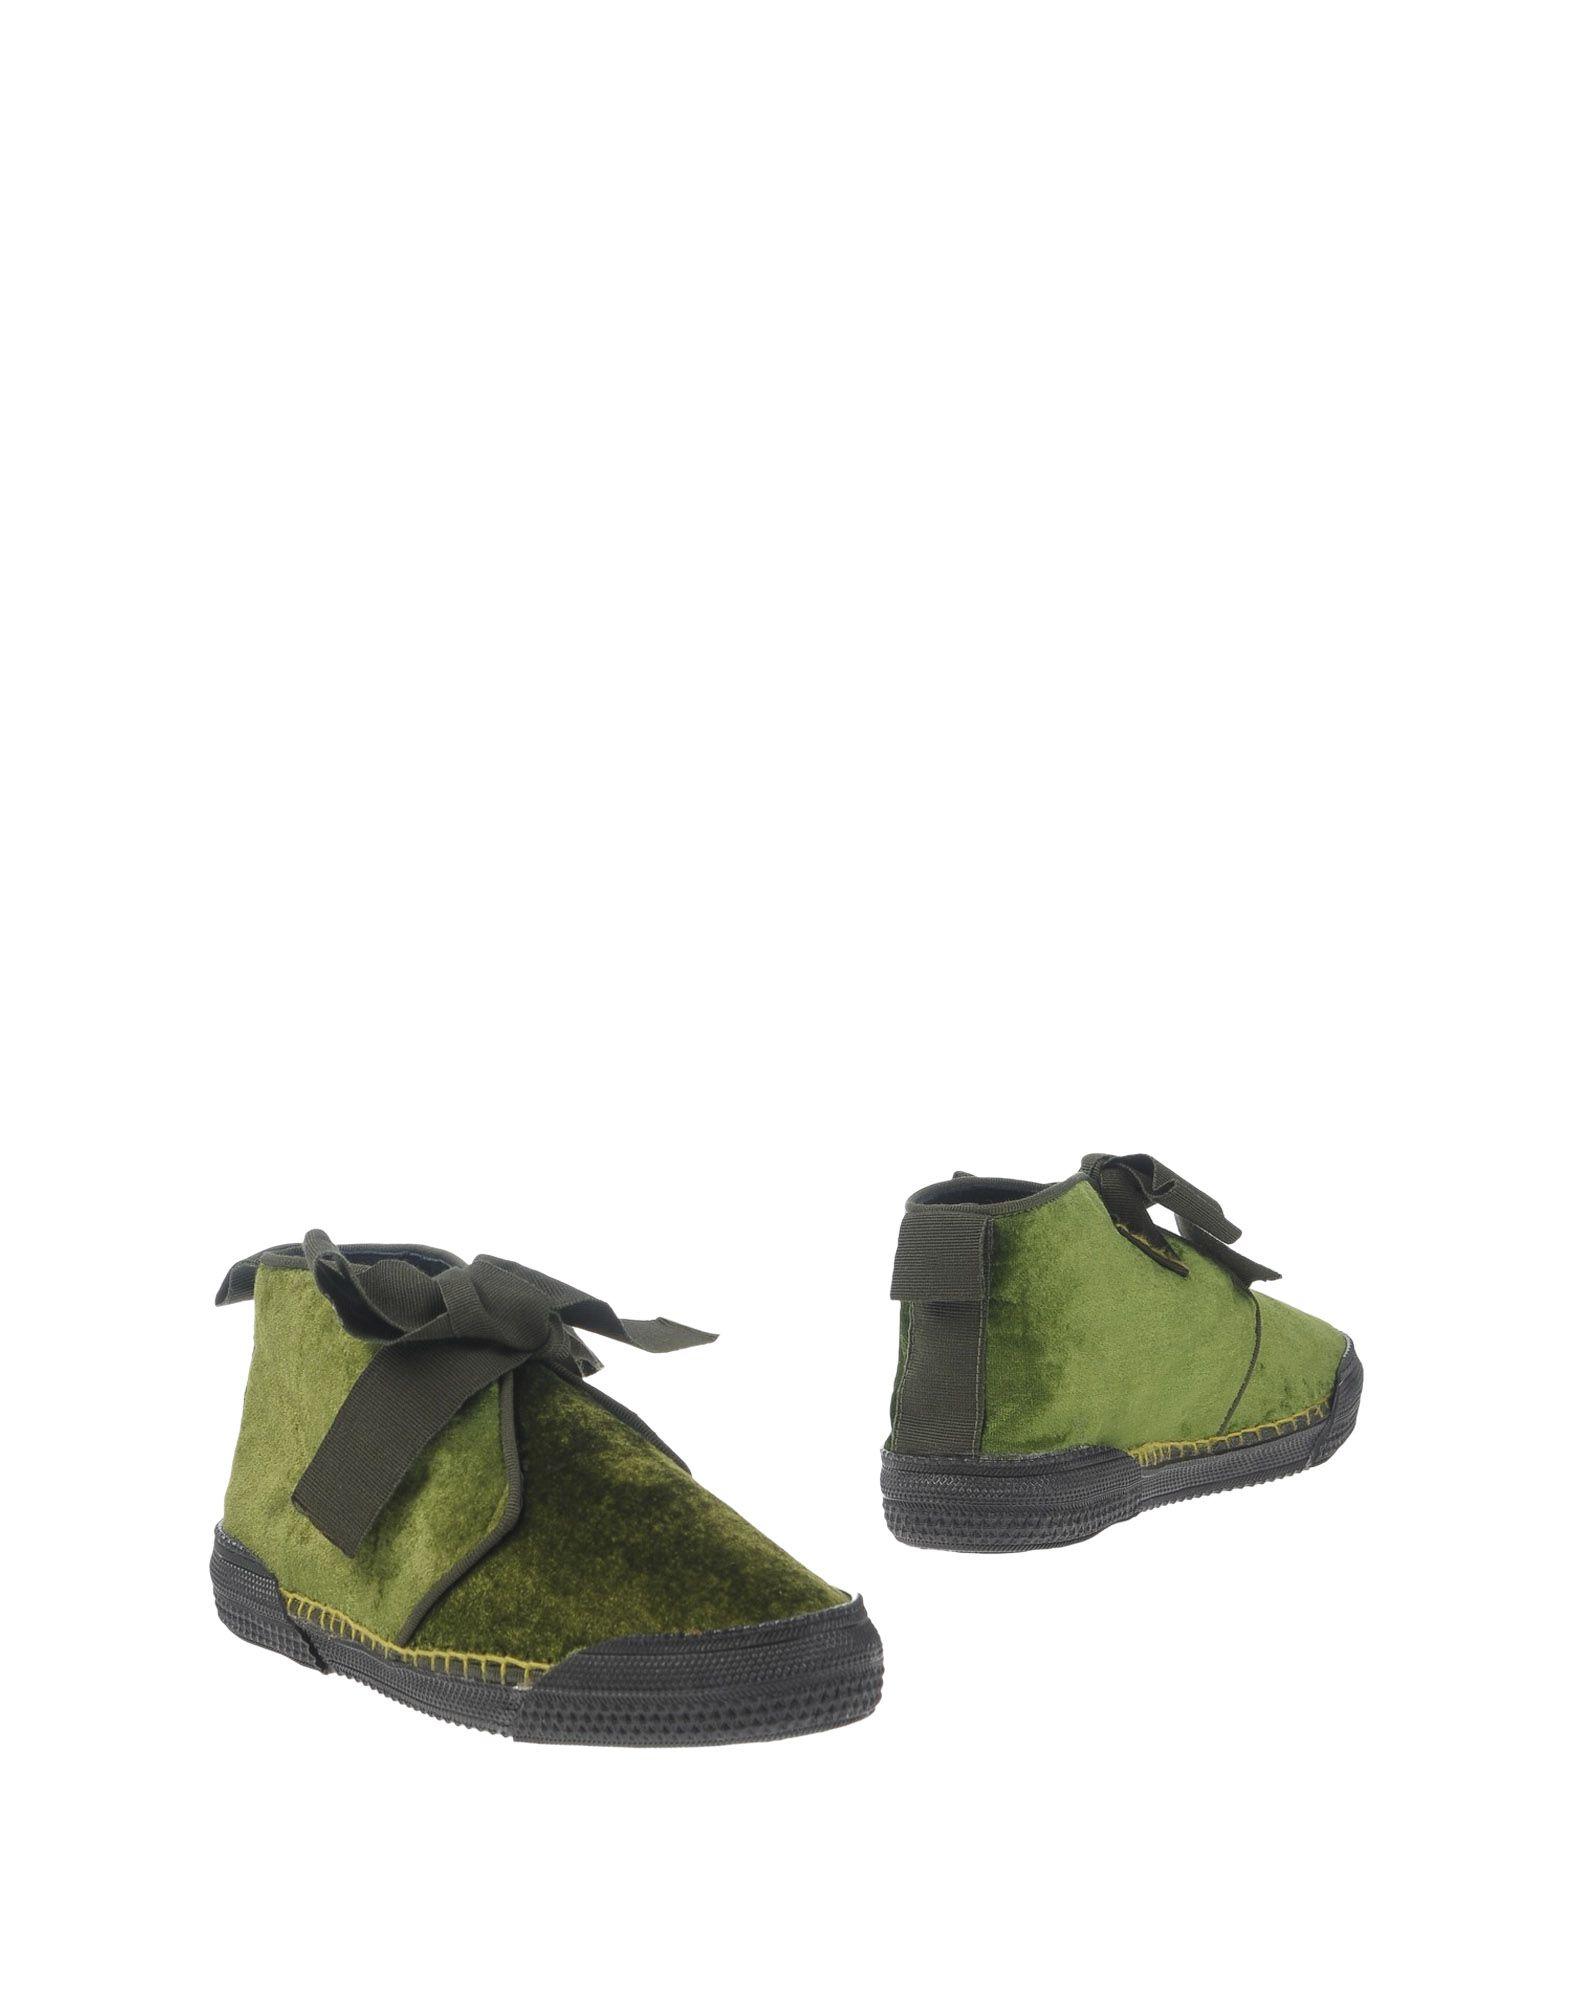 Malìparmi Stiefelette Damen  11300873JP Schuhe Gute Qualität beliebte Schuhe 11300873JP 8d40ba